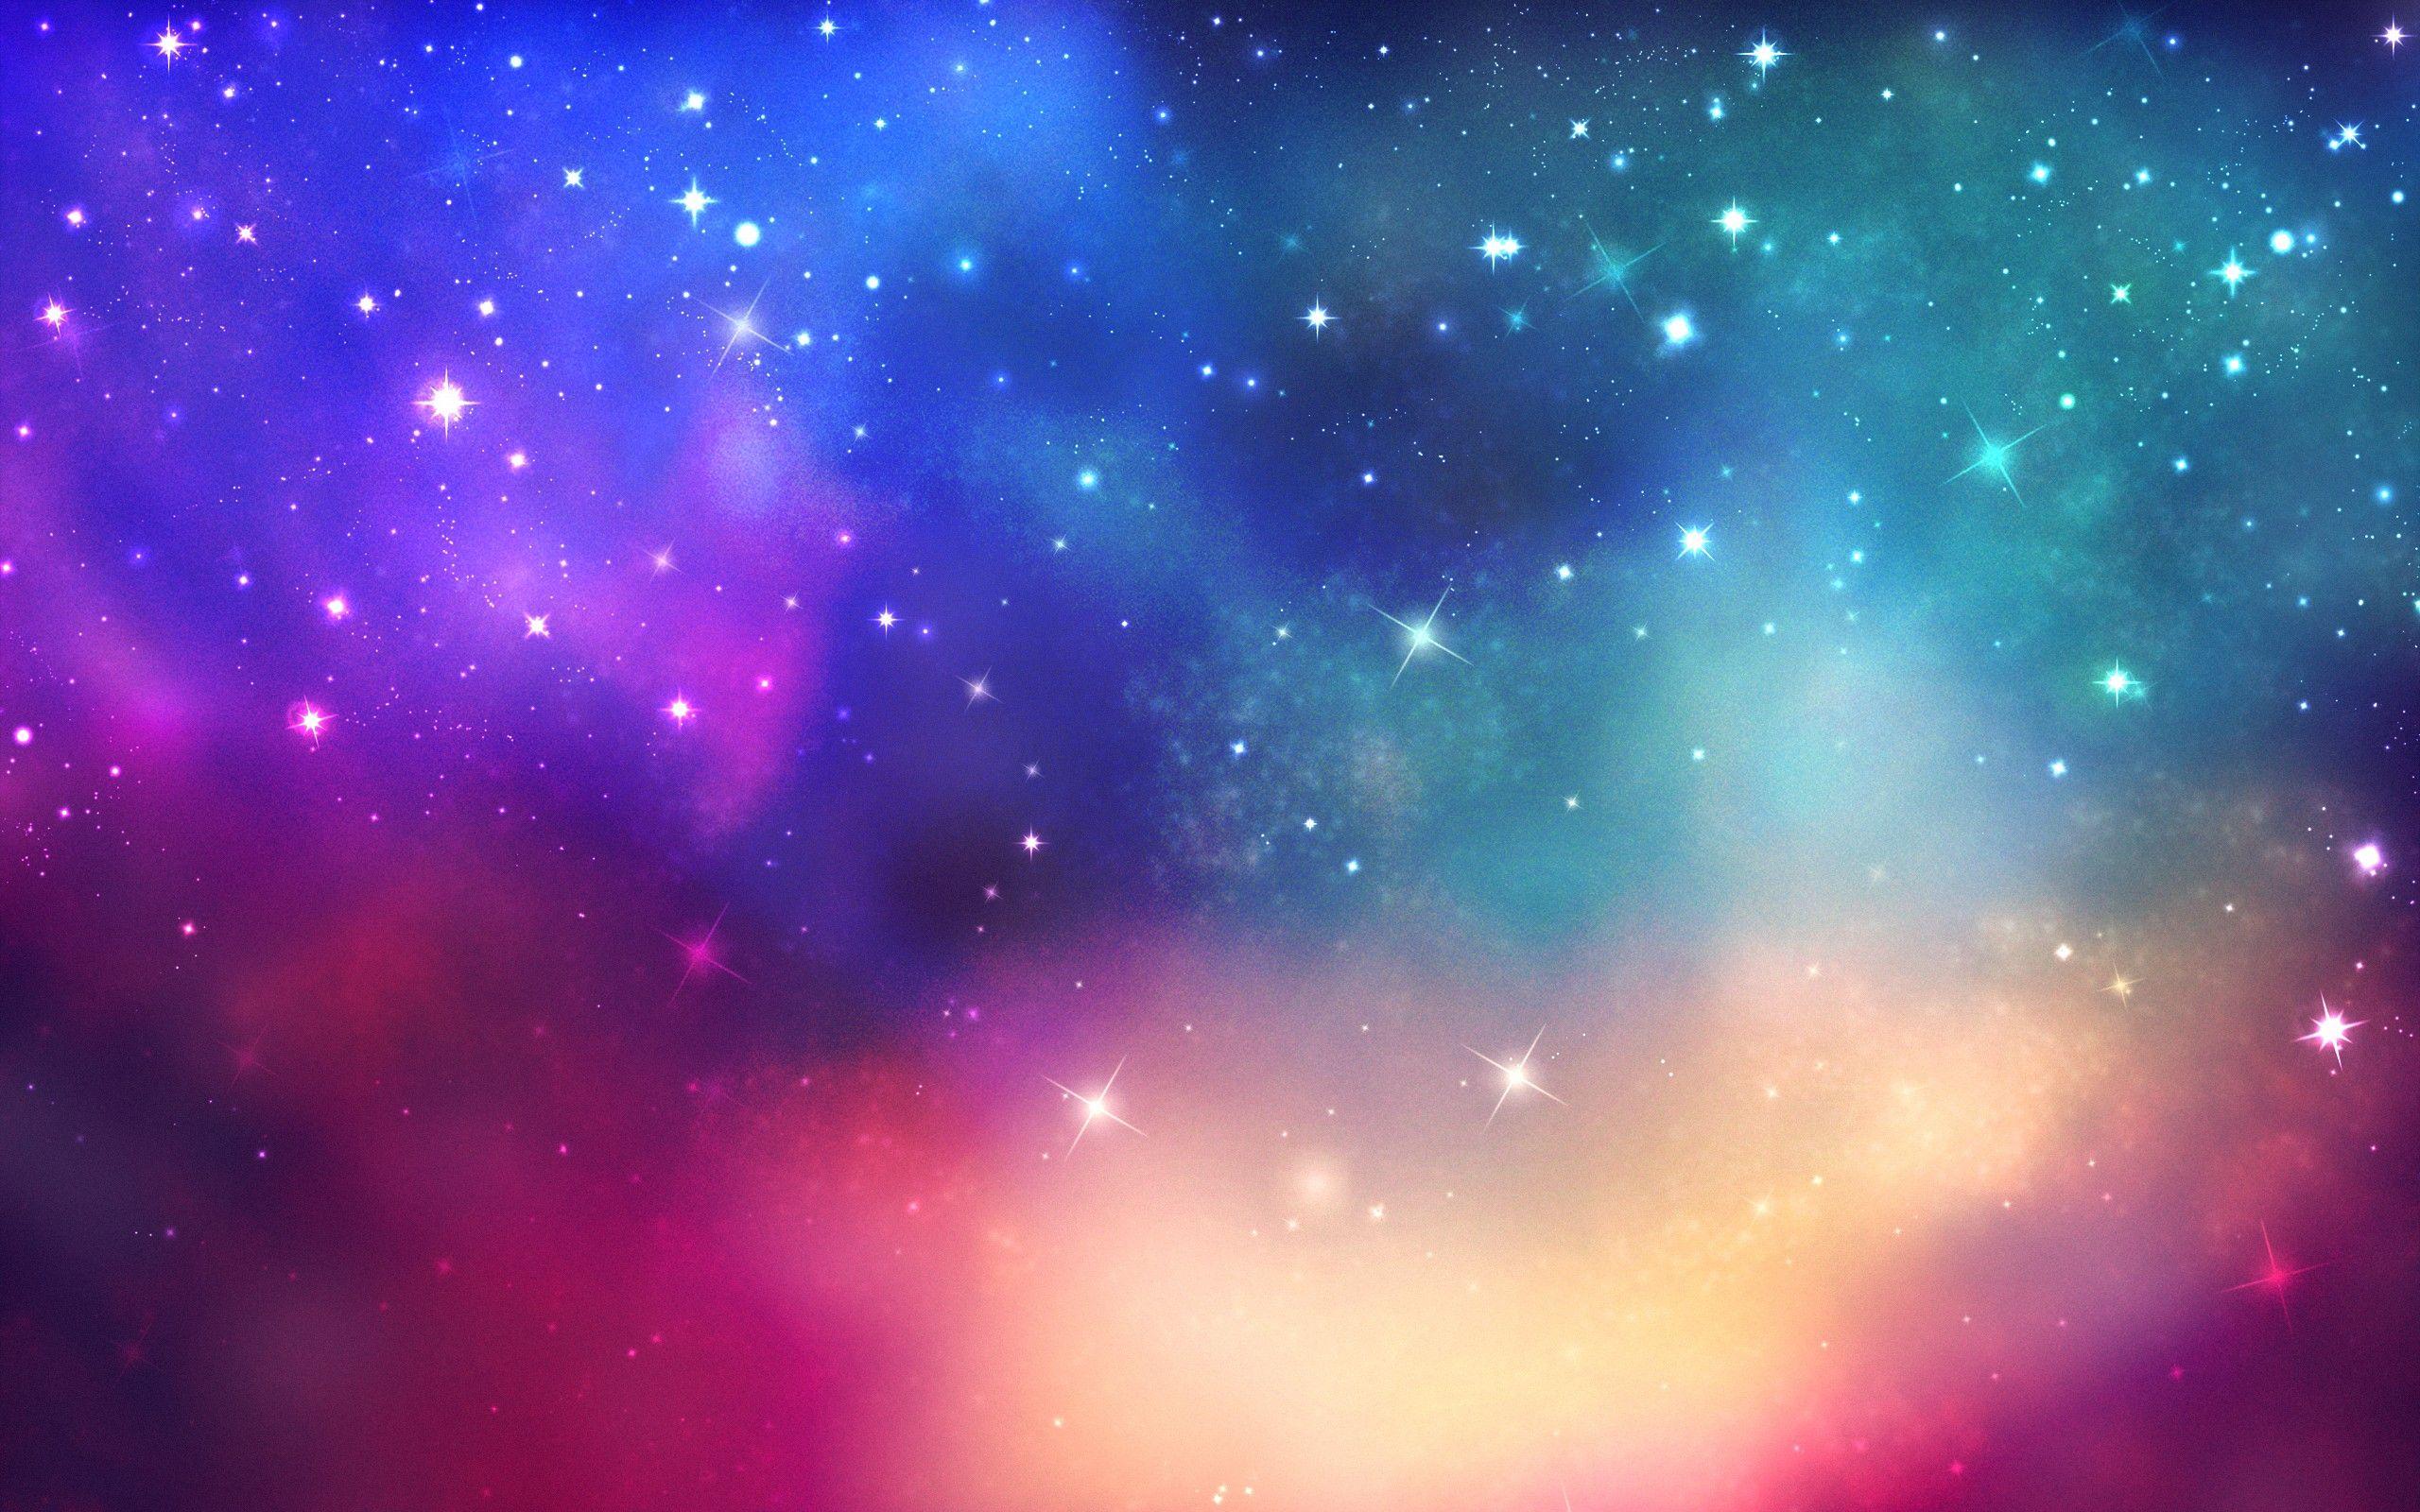 Colorful Galaxy Wallpaper Full HD #o1q | Blue galaxy ...